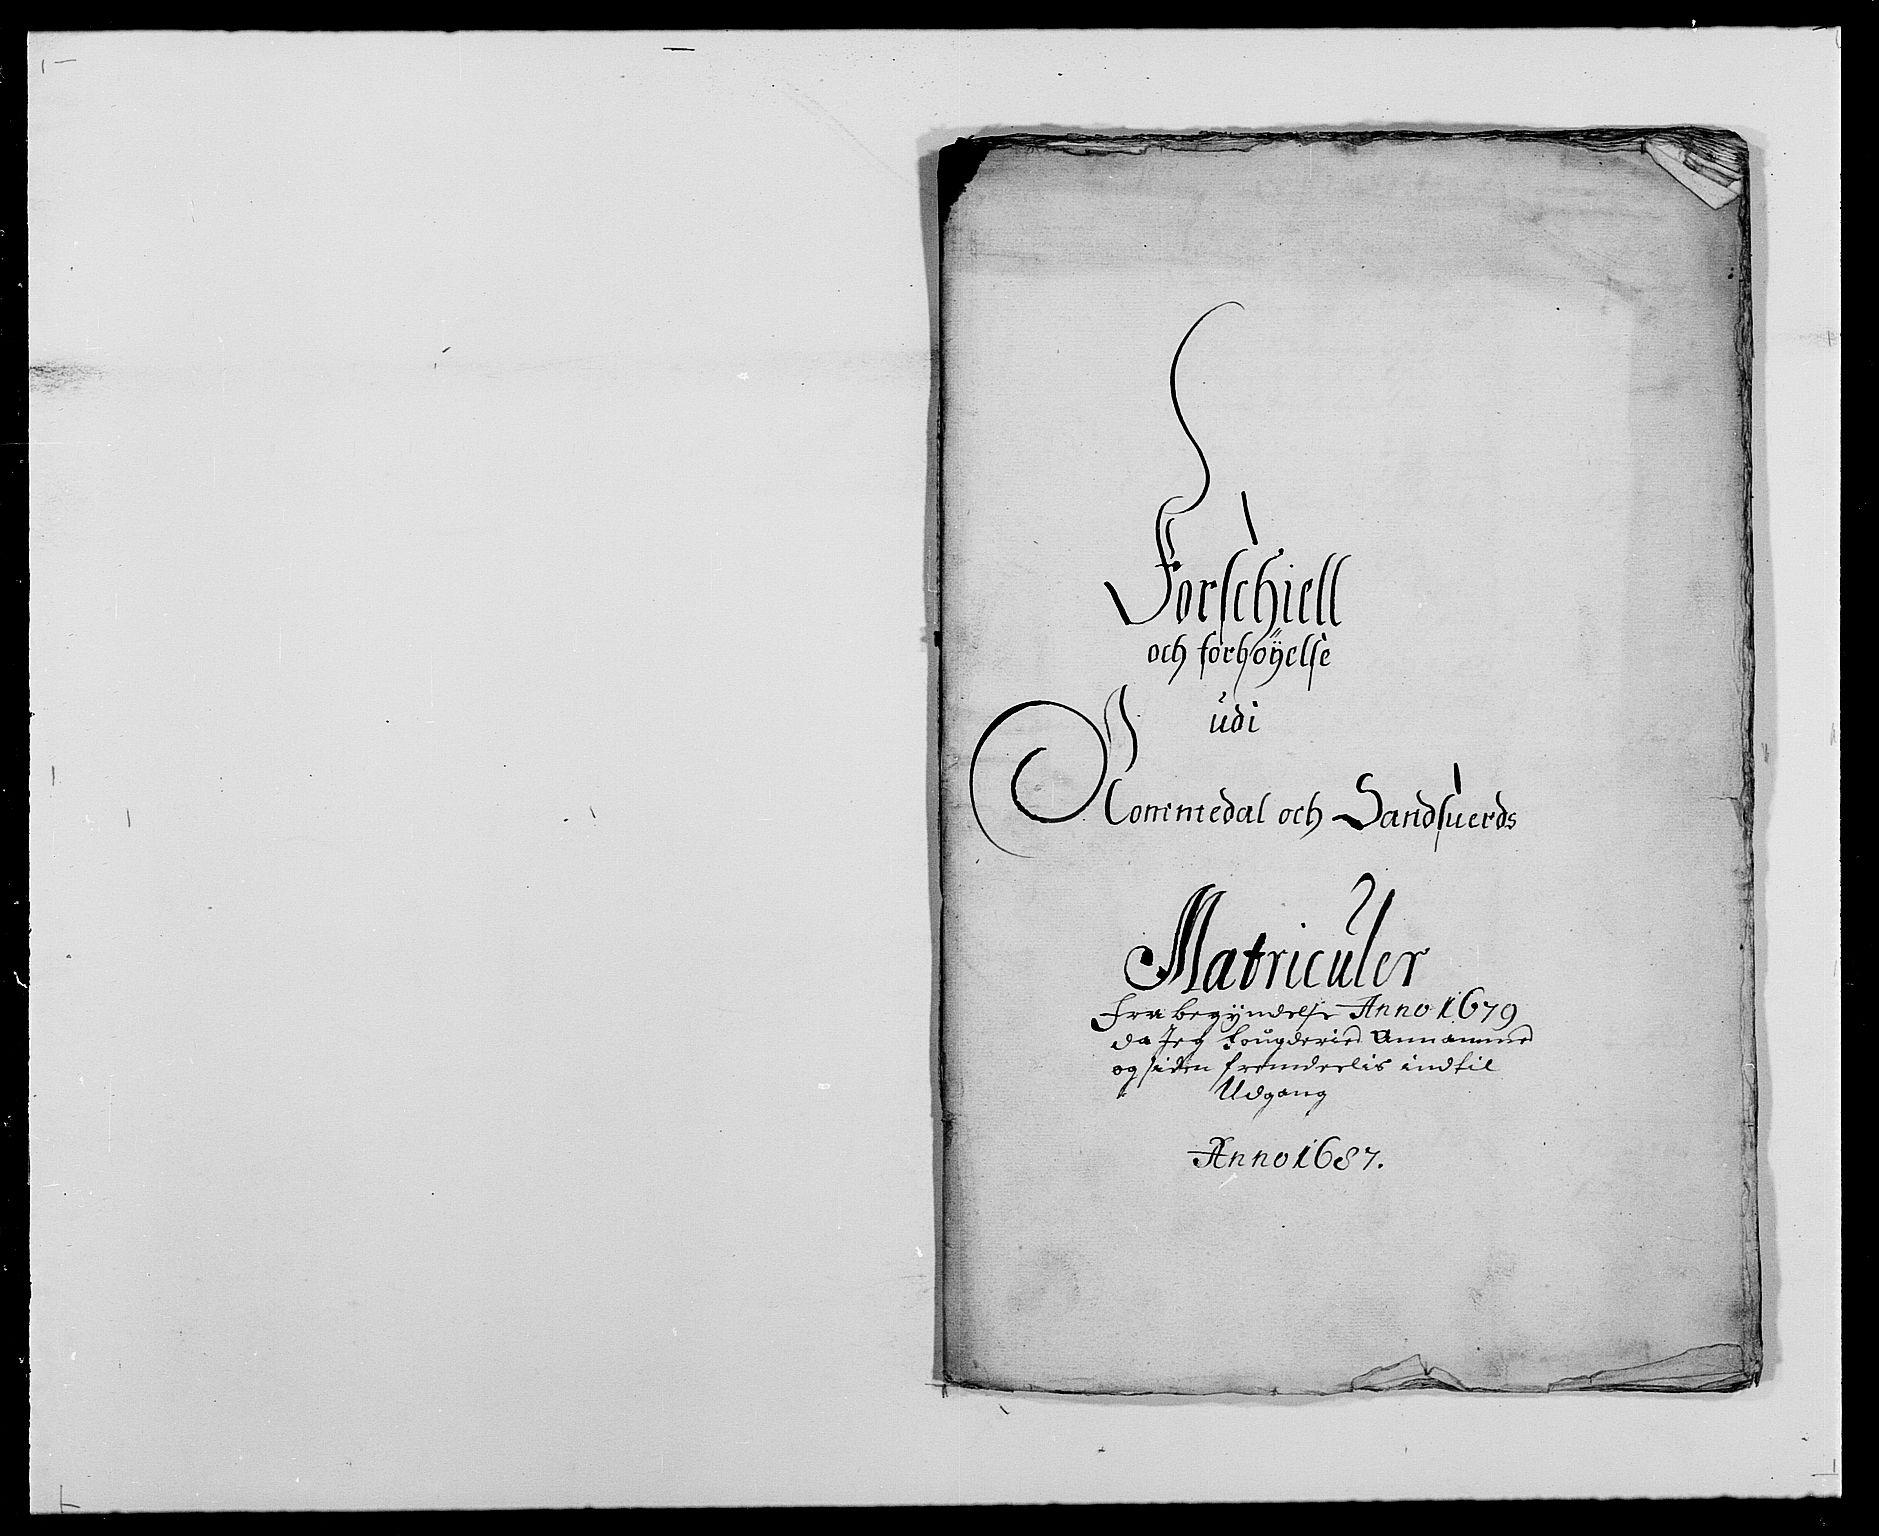 RA, Rentekammeret inntil 1814, Reviderte regnskaper, Fogderegnskap, R24/L1573: Fogderegnskap Numedal og Sandsvær, 1687-1691, s. 199